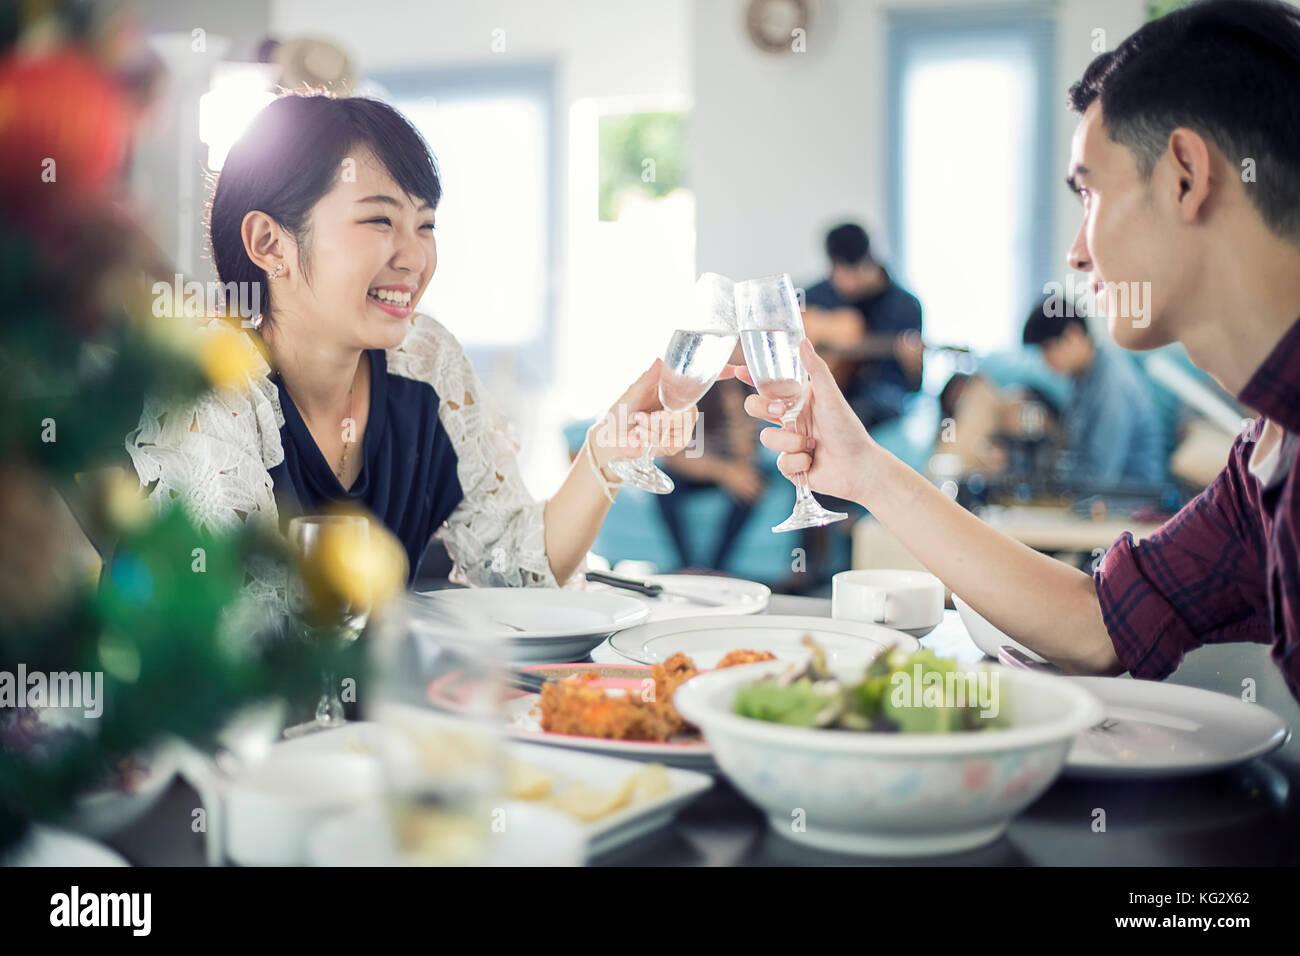 Asiatisches junges Paar beim romantischen Abendessen Getränke am Abend während am Esstisch in der Küche Stockbild